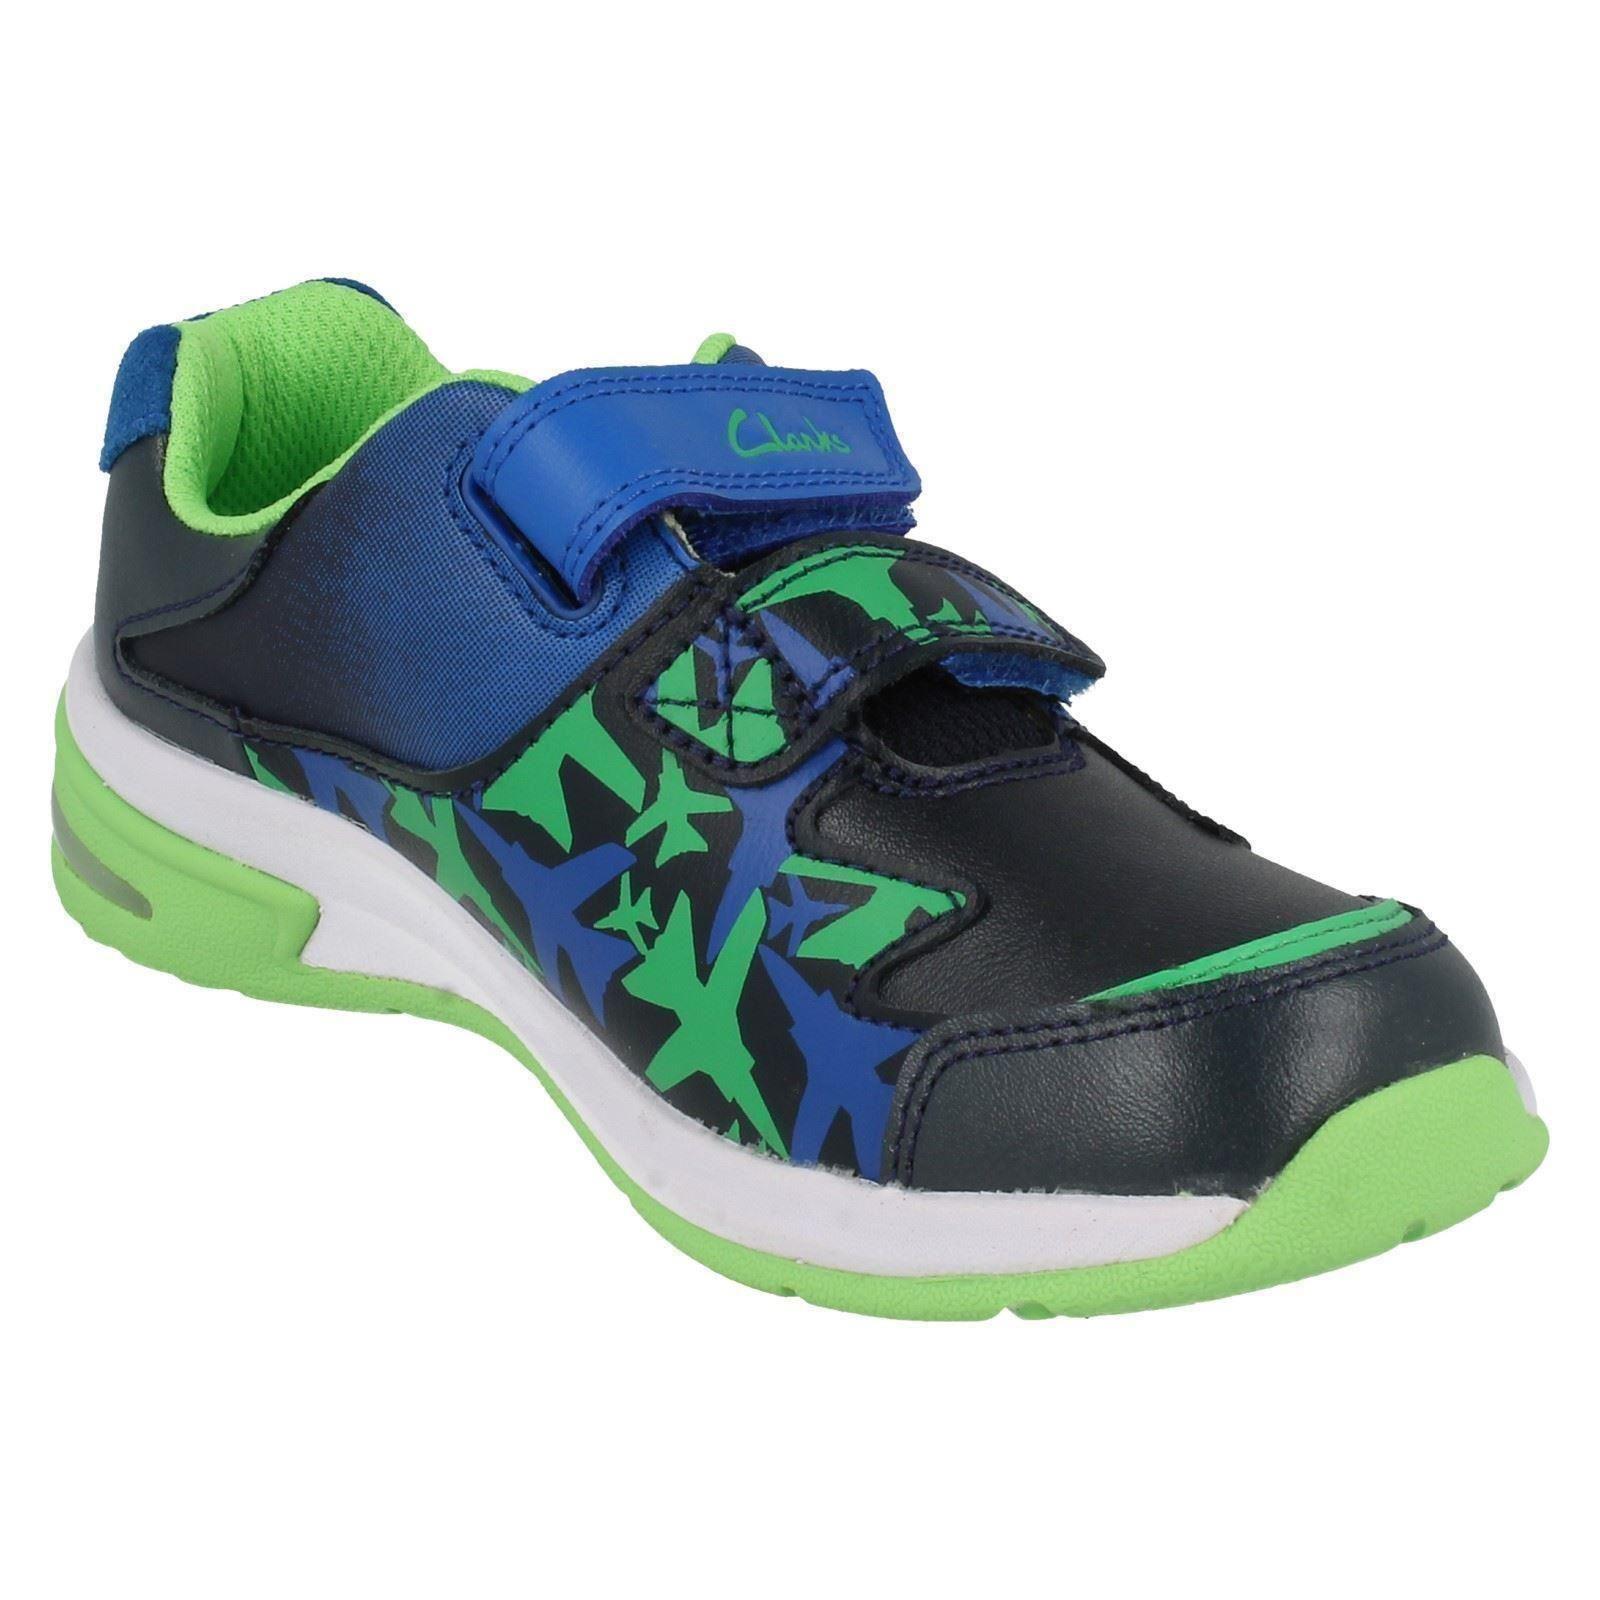 Clarks Fun niños Navy azul By para Cica piper deportivas Zapatillas q4T0w6tT